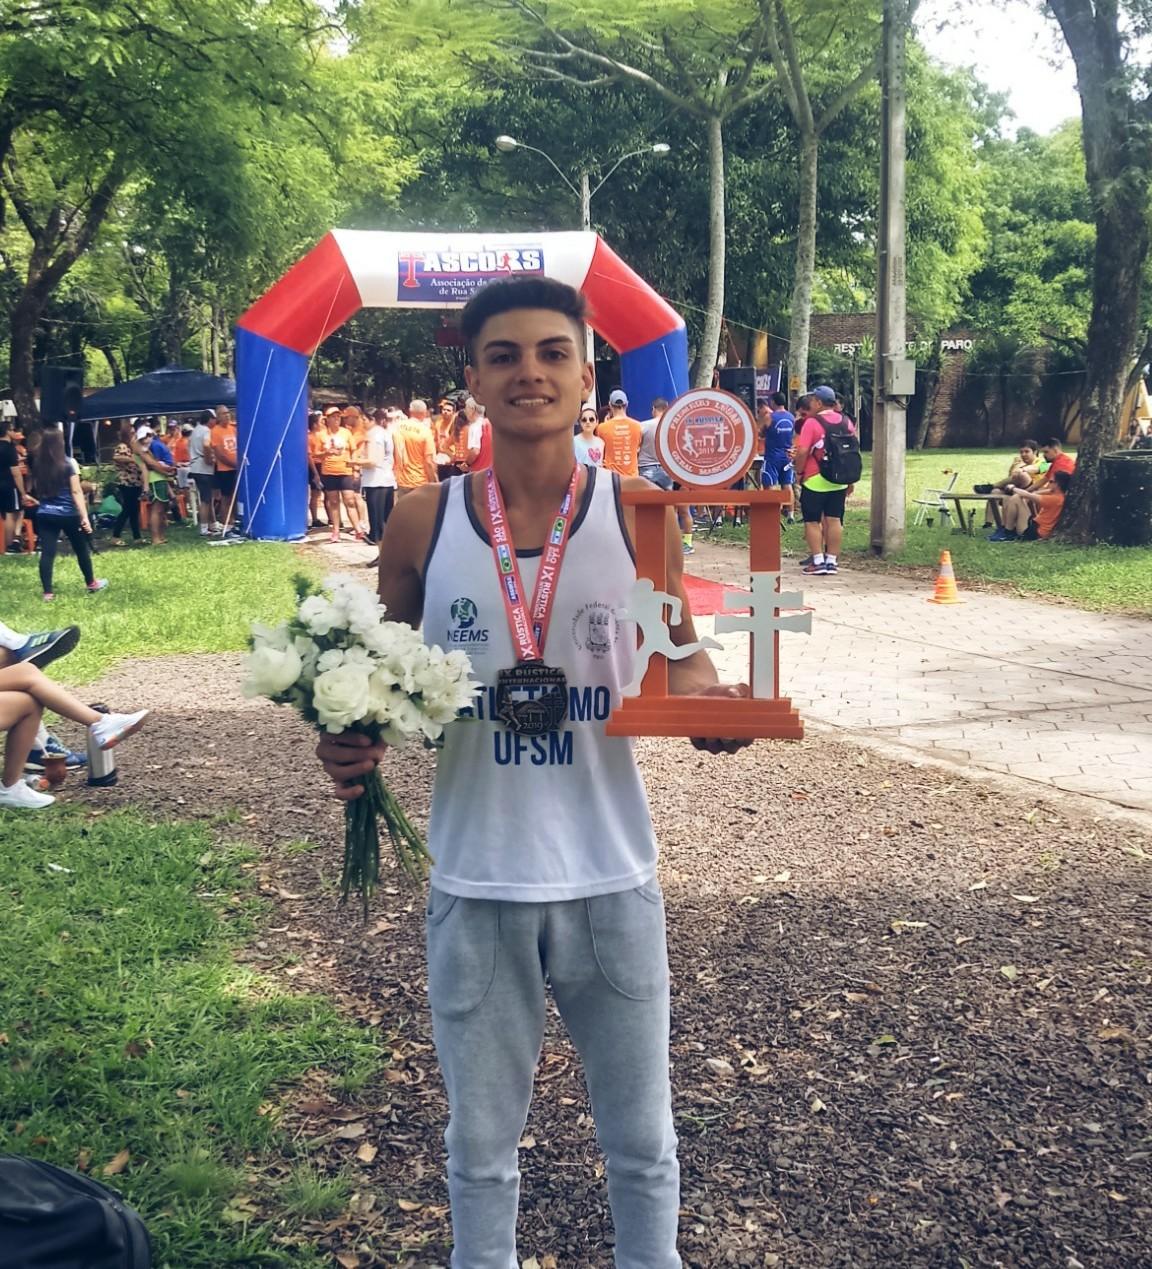 Foto vertical colorida mostra o atleta, vestindo camiseta do atletismo ufsm, segurando flores em uma mão e o troféu em outra